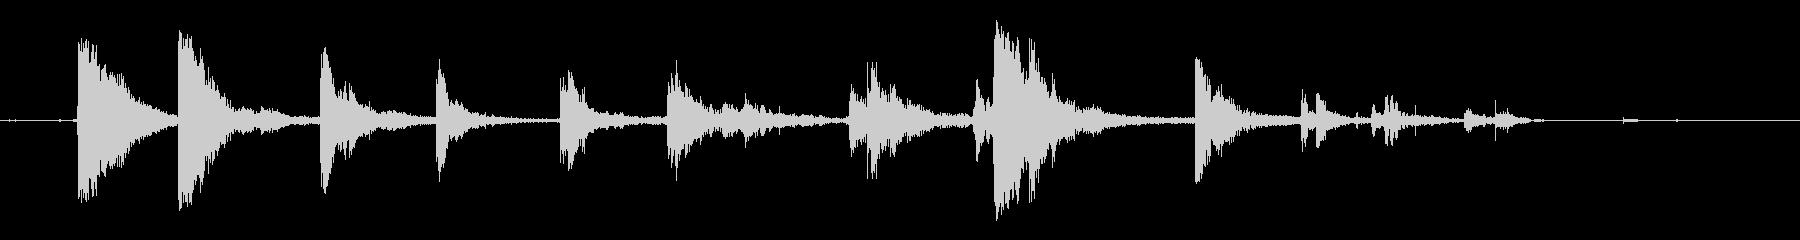 カランカラン空き缶が転がる音の未再生の波形